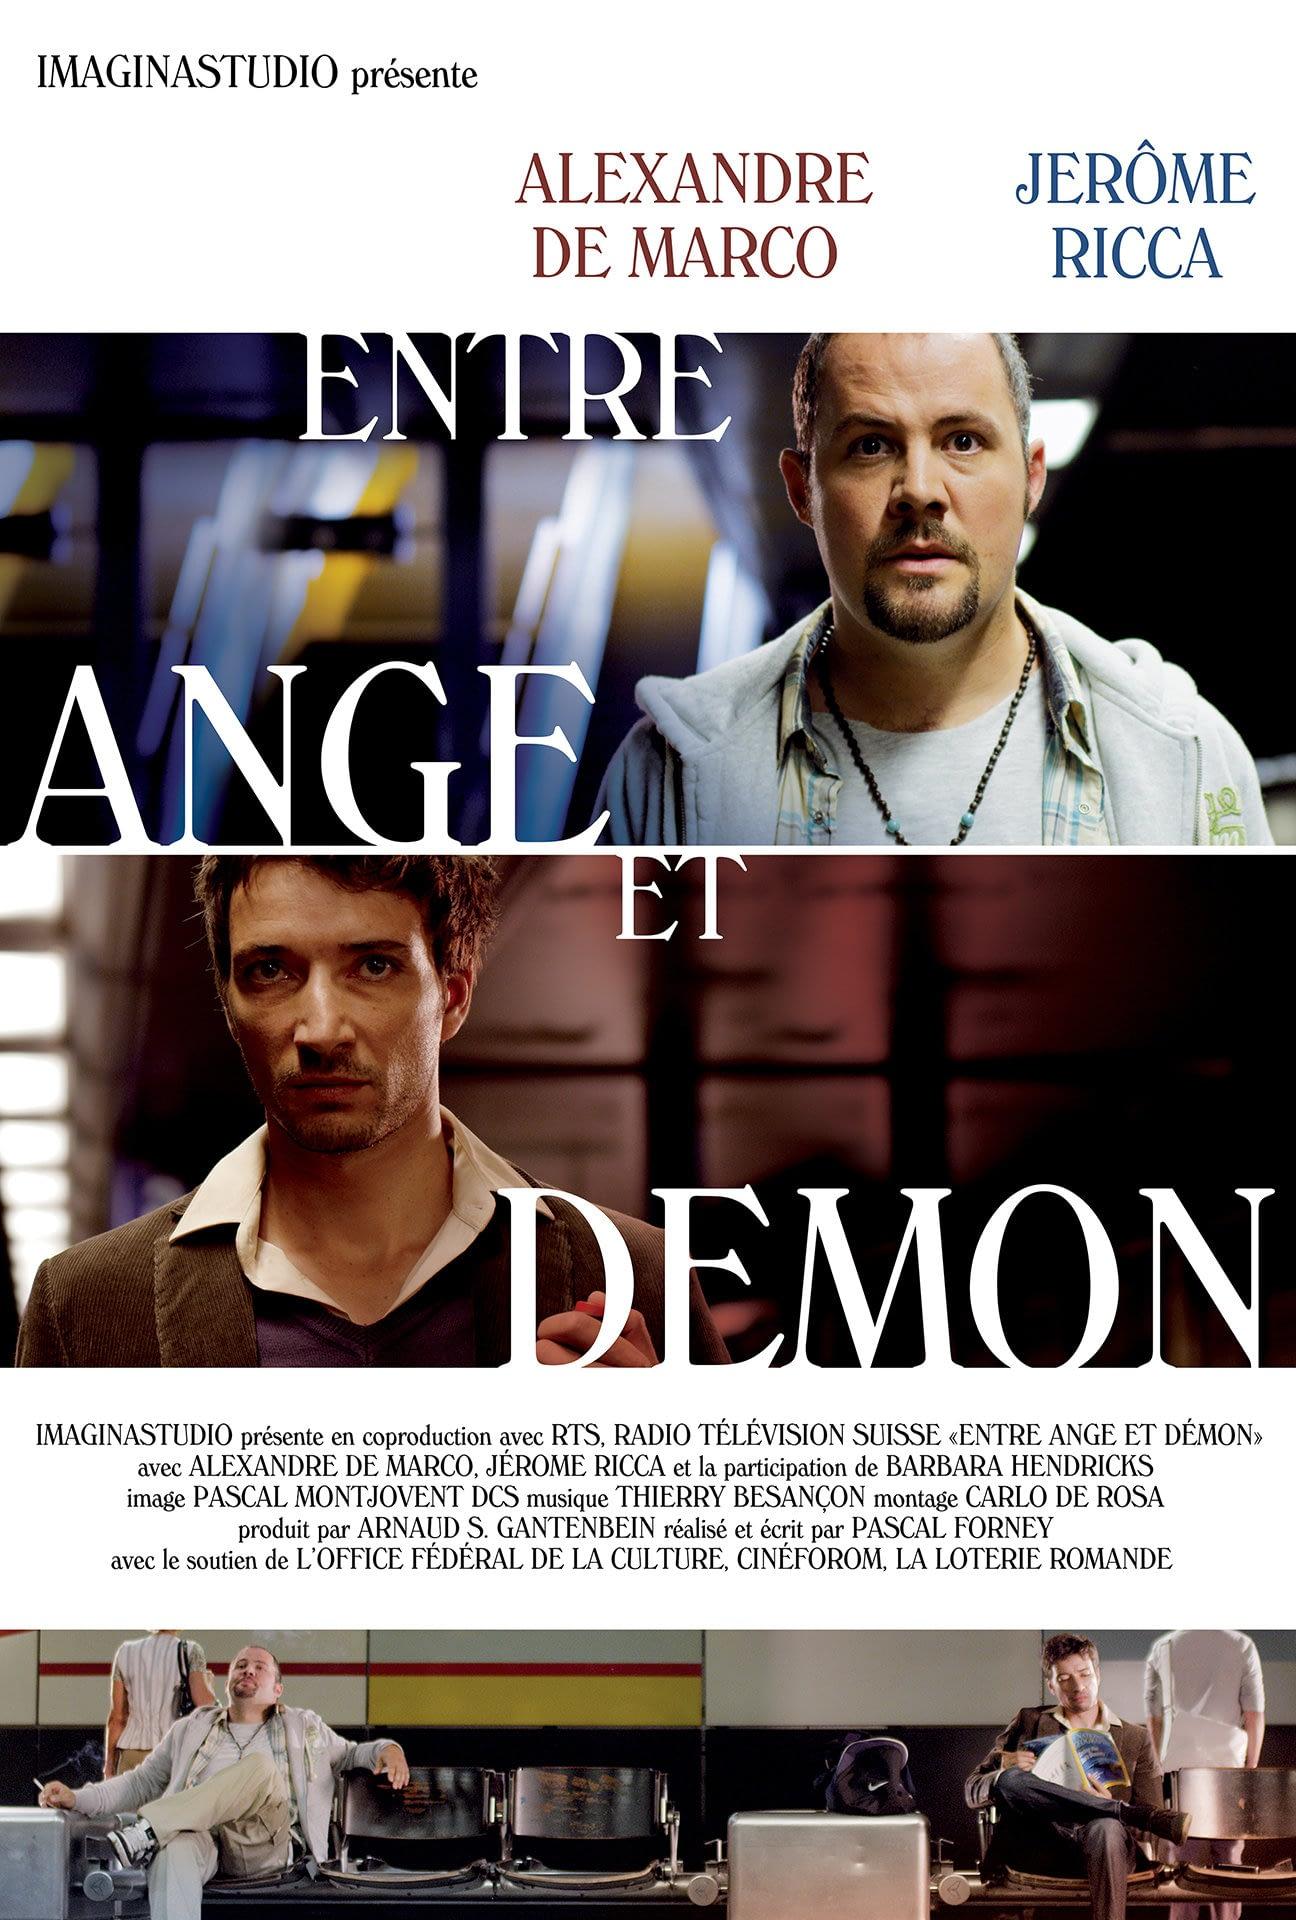 Entre Ange et Demon